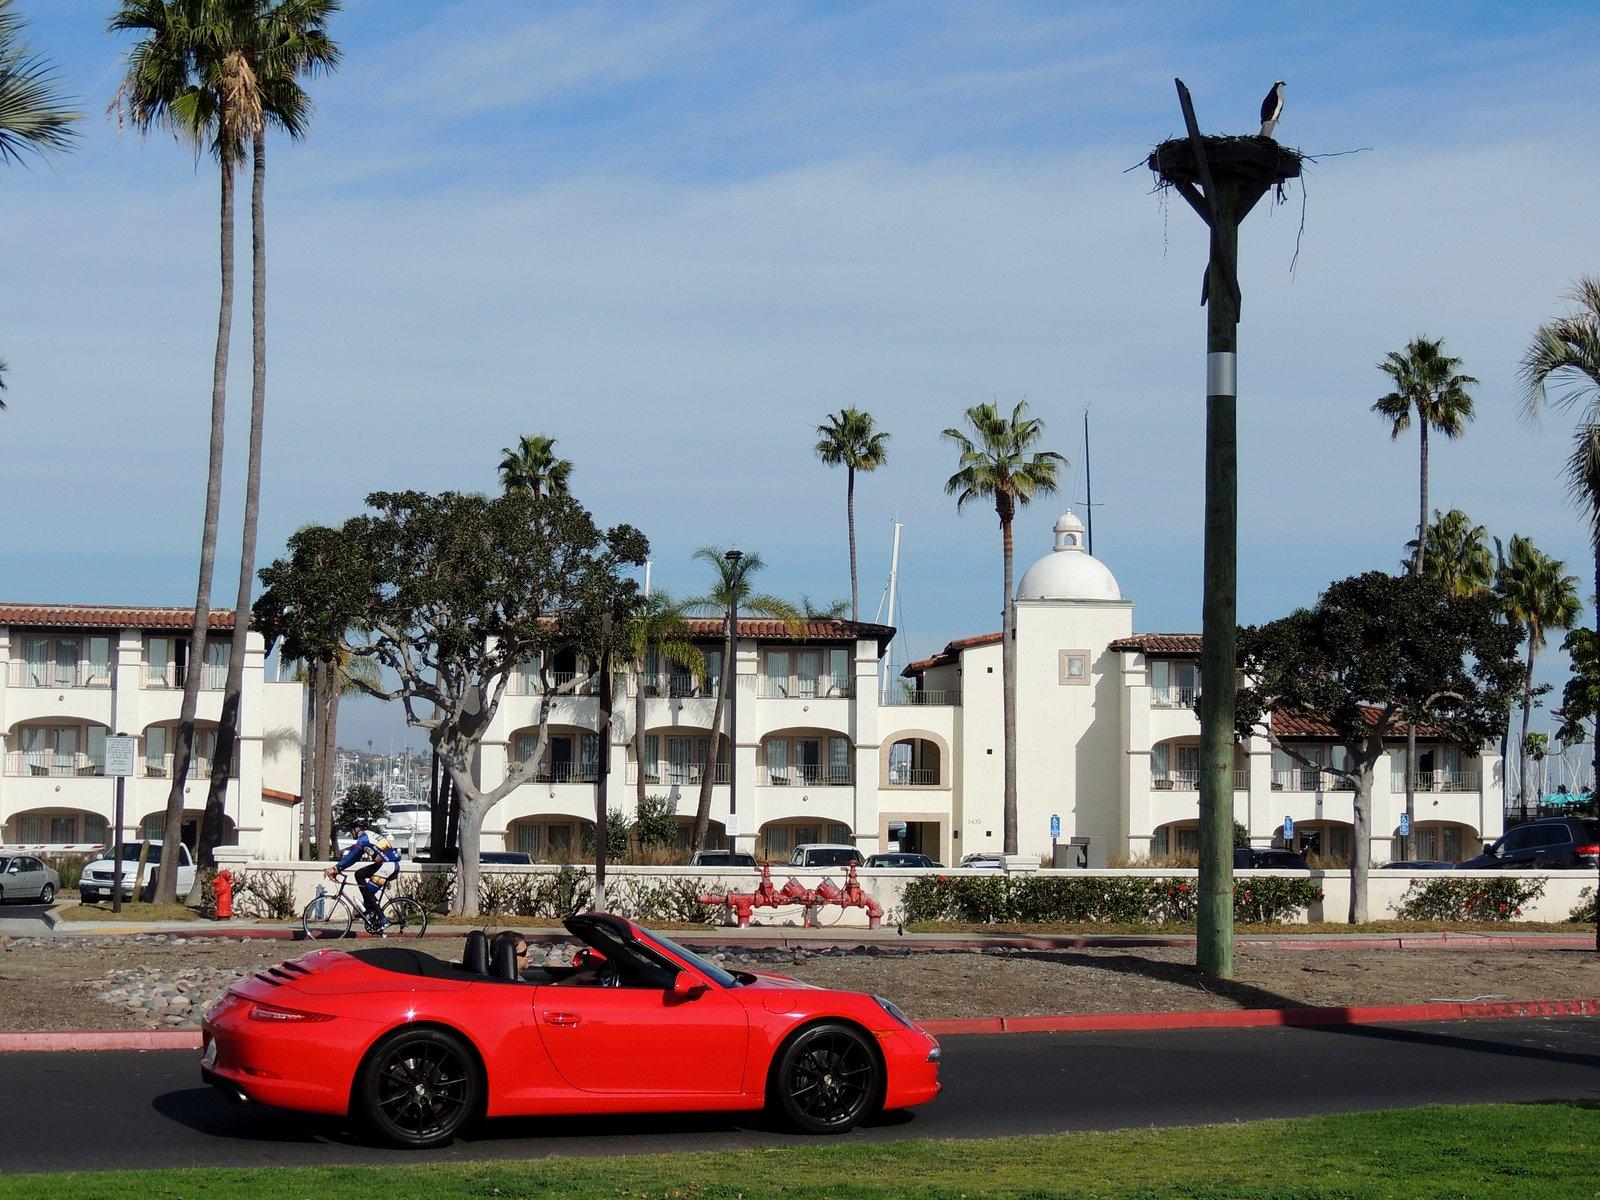 Hotel Kona Kai - San Diego - Südkalifornien